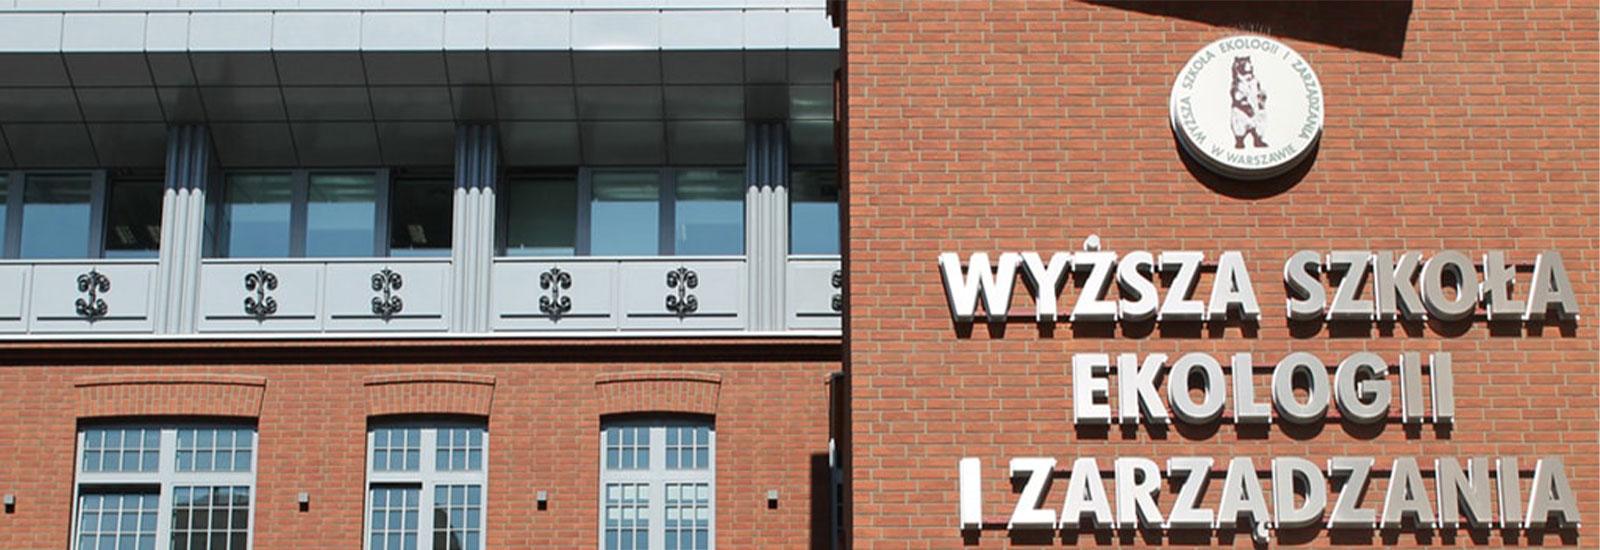 Вища школа Екології та Управління у Варшаві